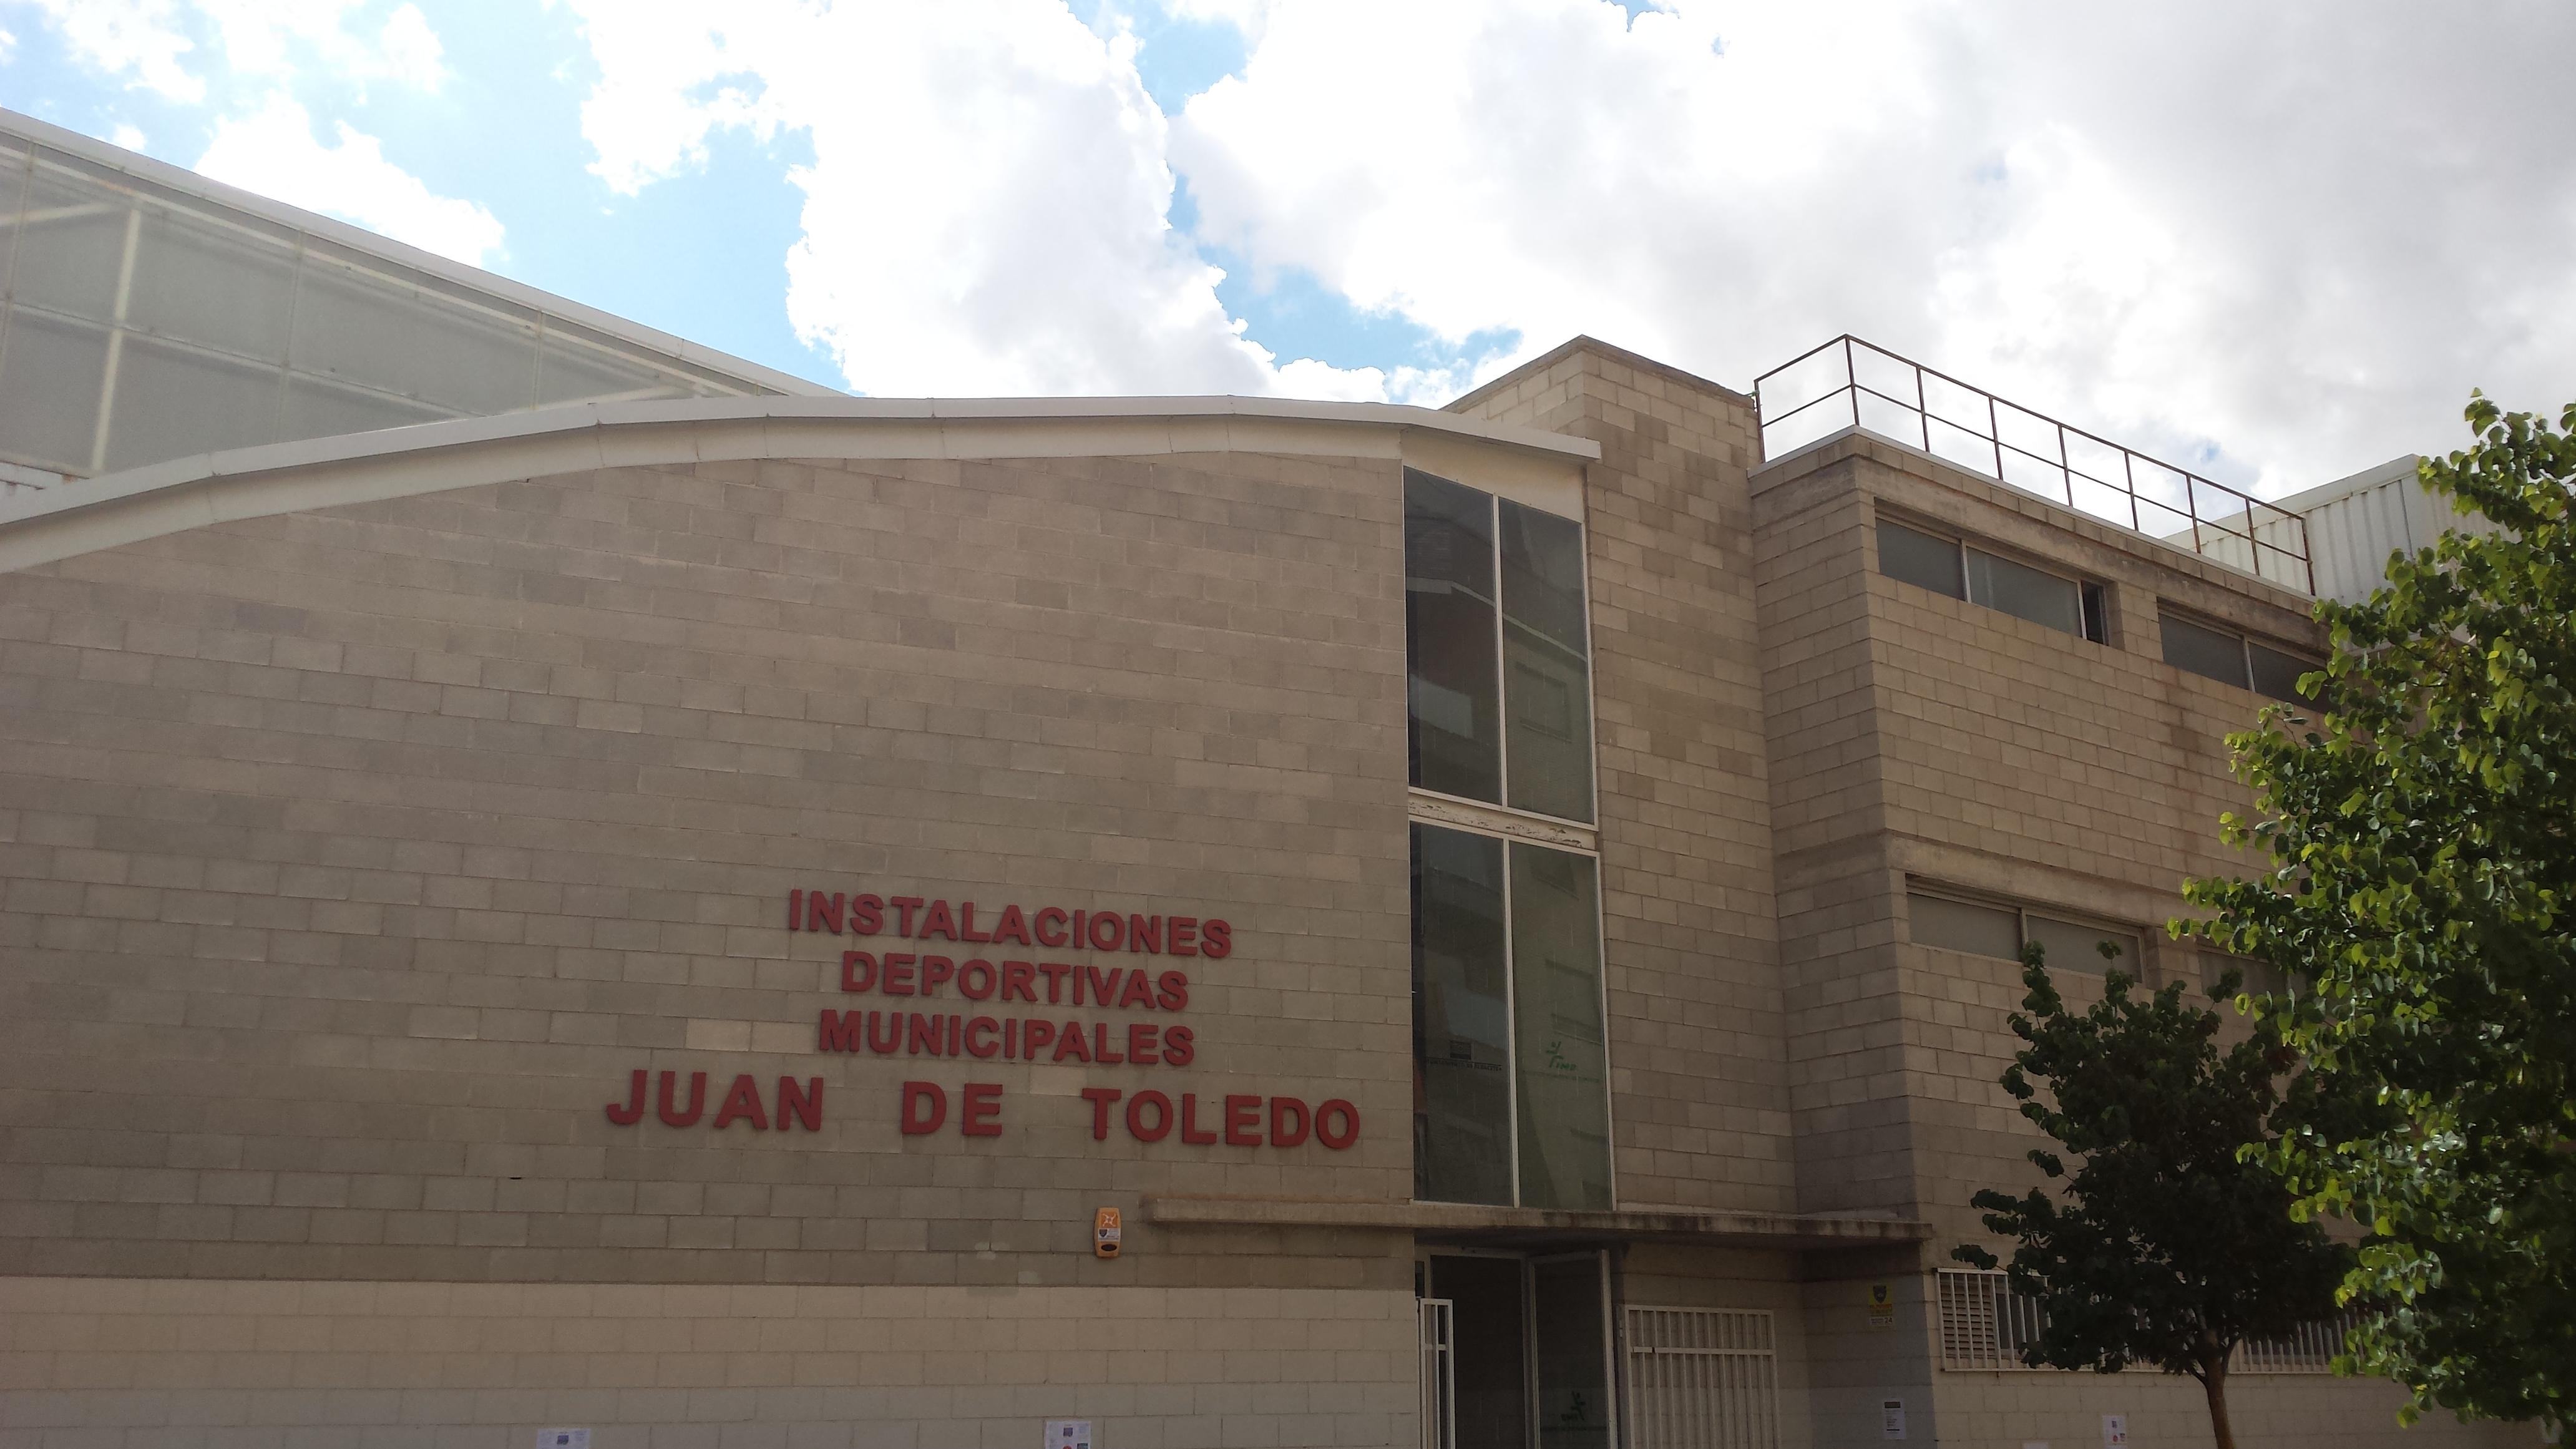 Archivo complejo deportivo juan de toledo barrio for Piscina juan de toledo